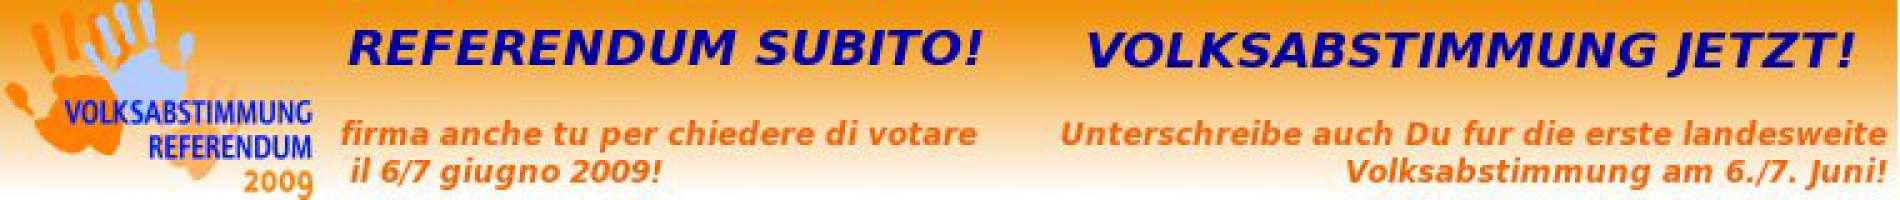 Referendum subito! Volksabstimmung Jetzt!